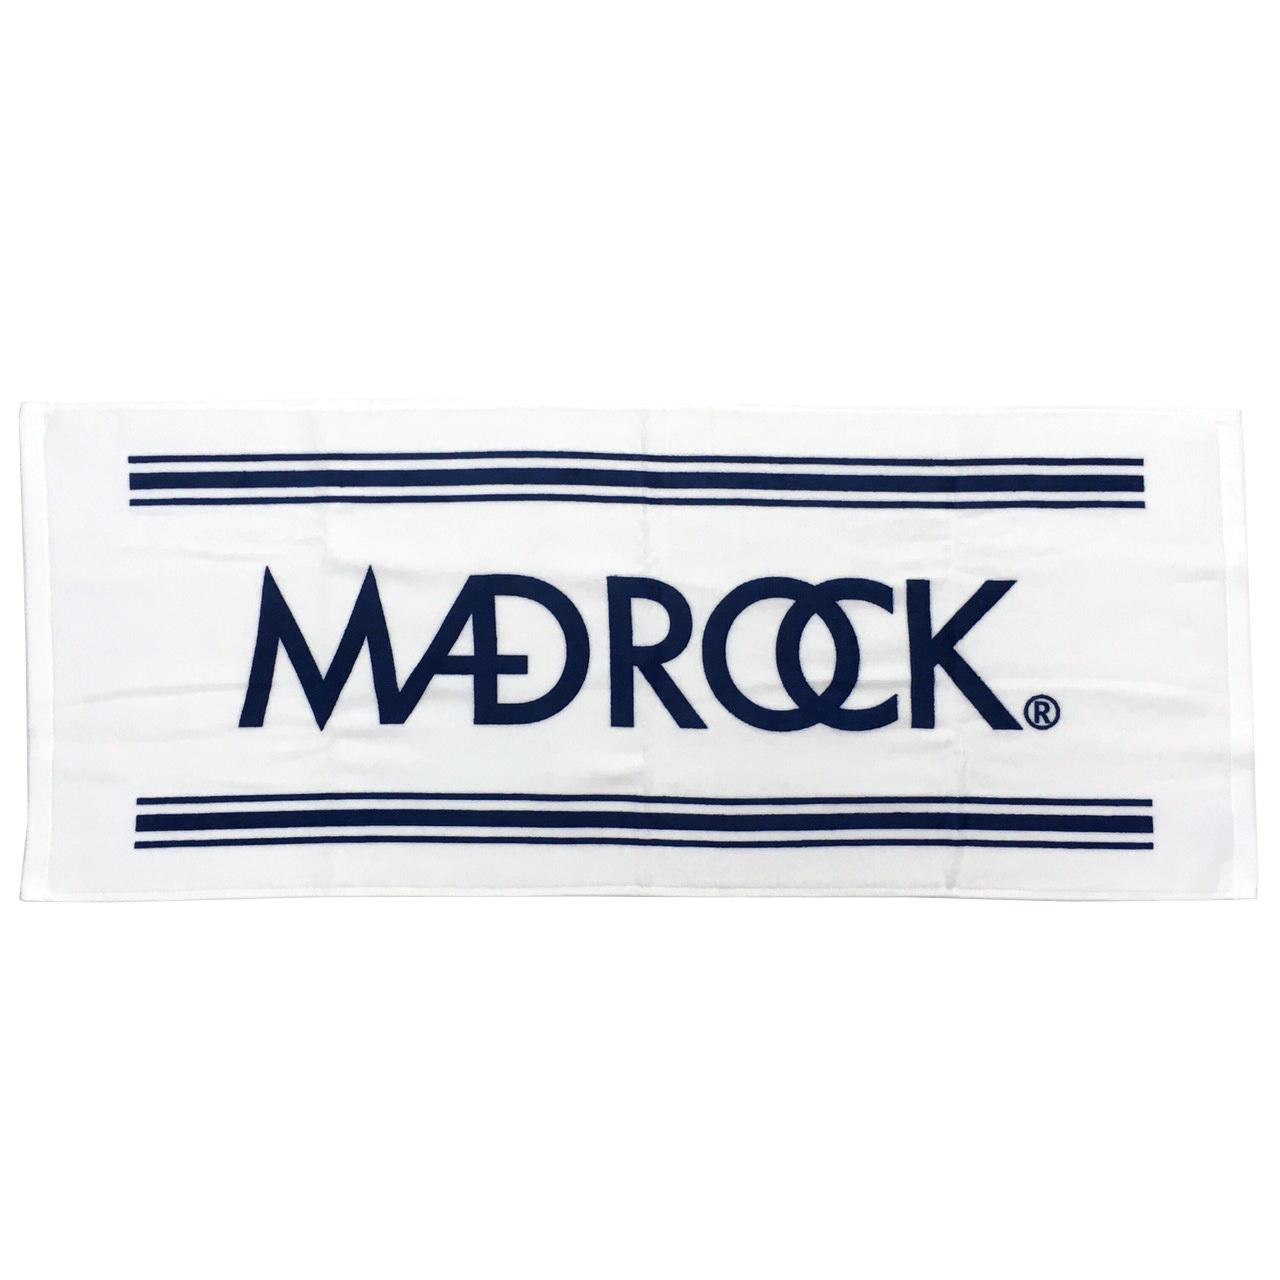 マッドロック ロゴ タオル ホワイト&ネイビー / MADROCK  LOGO Towel / White&Navy